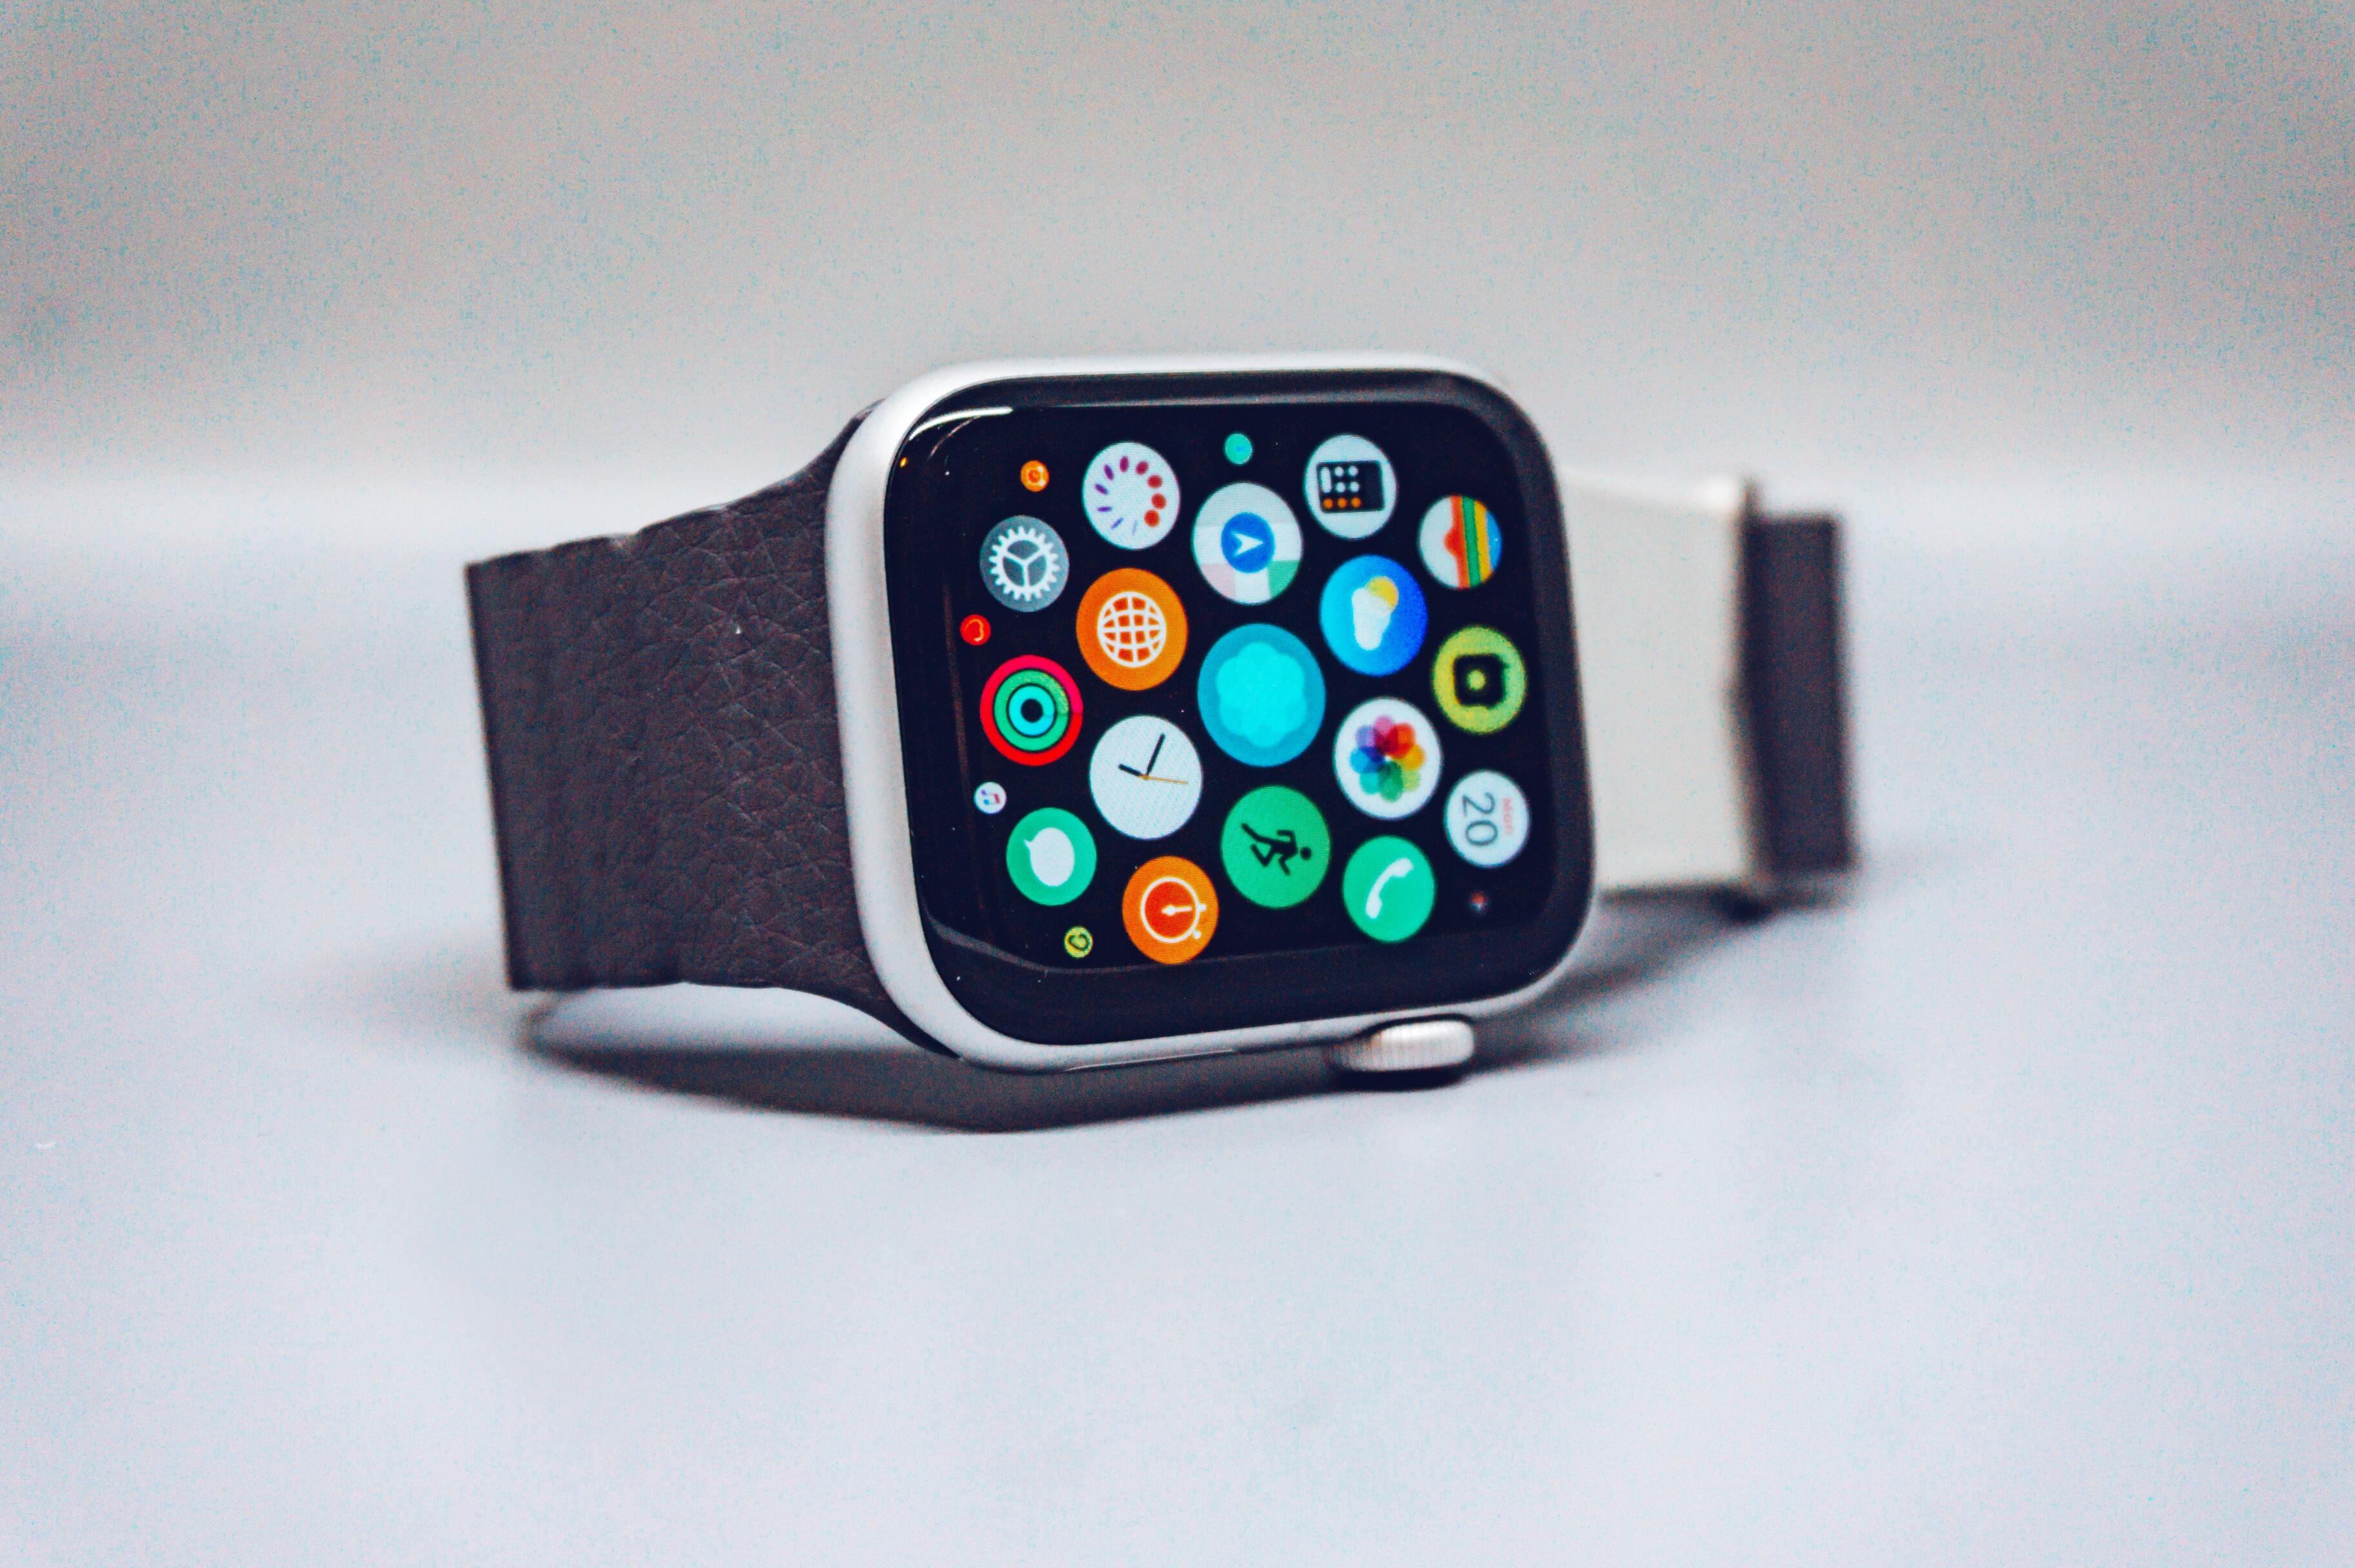 Будущие умные часы Apple будут измерять сахар в крови